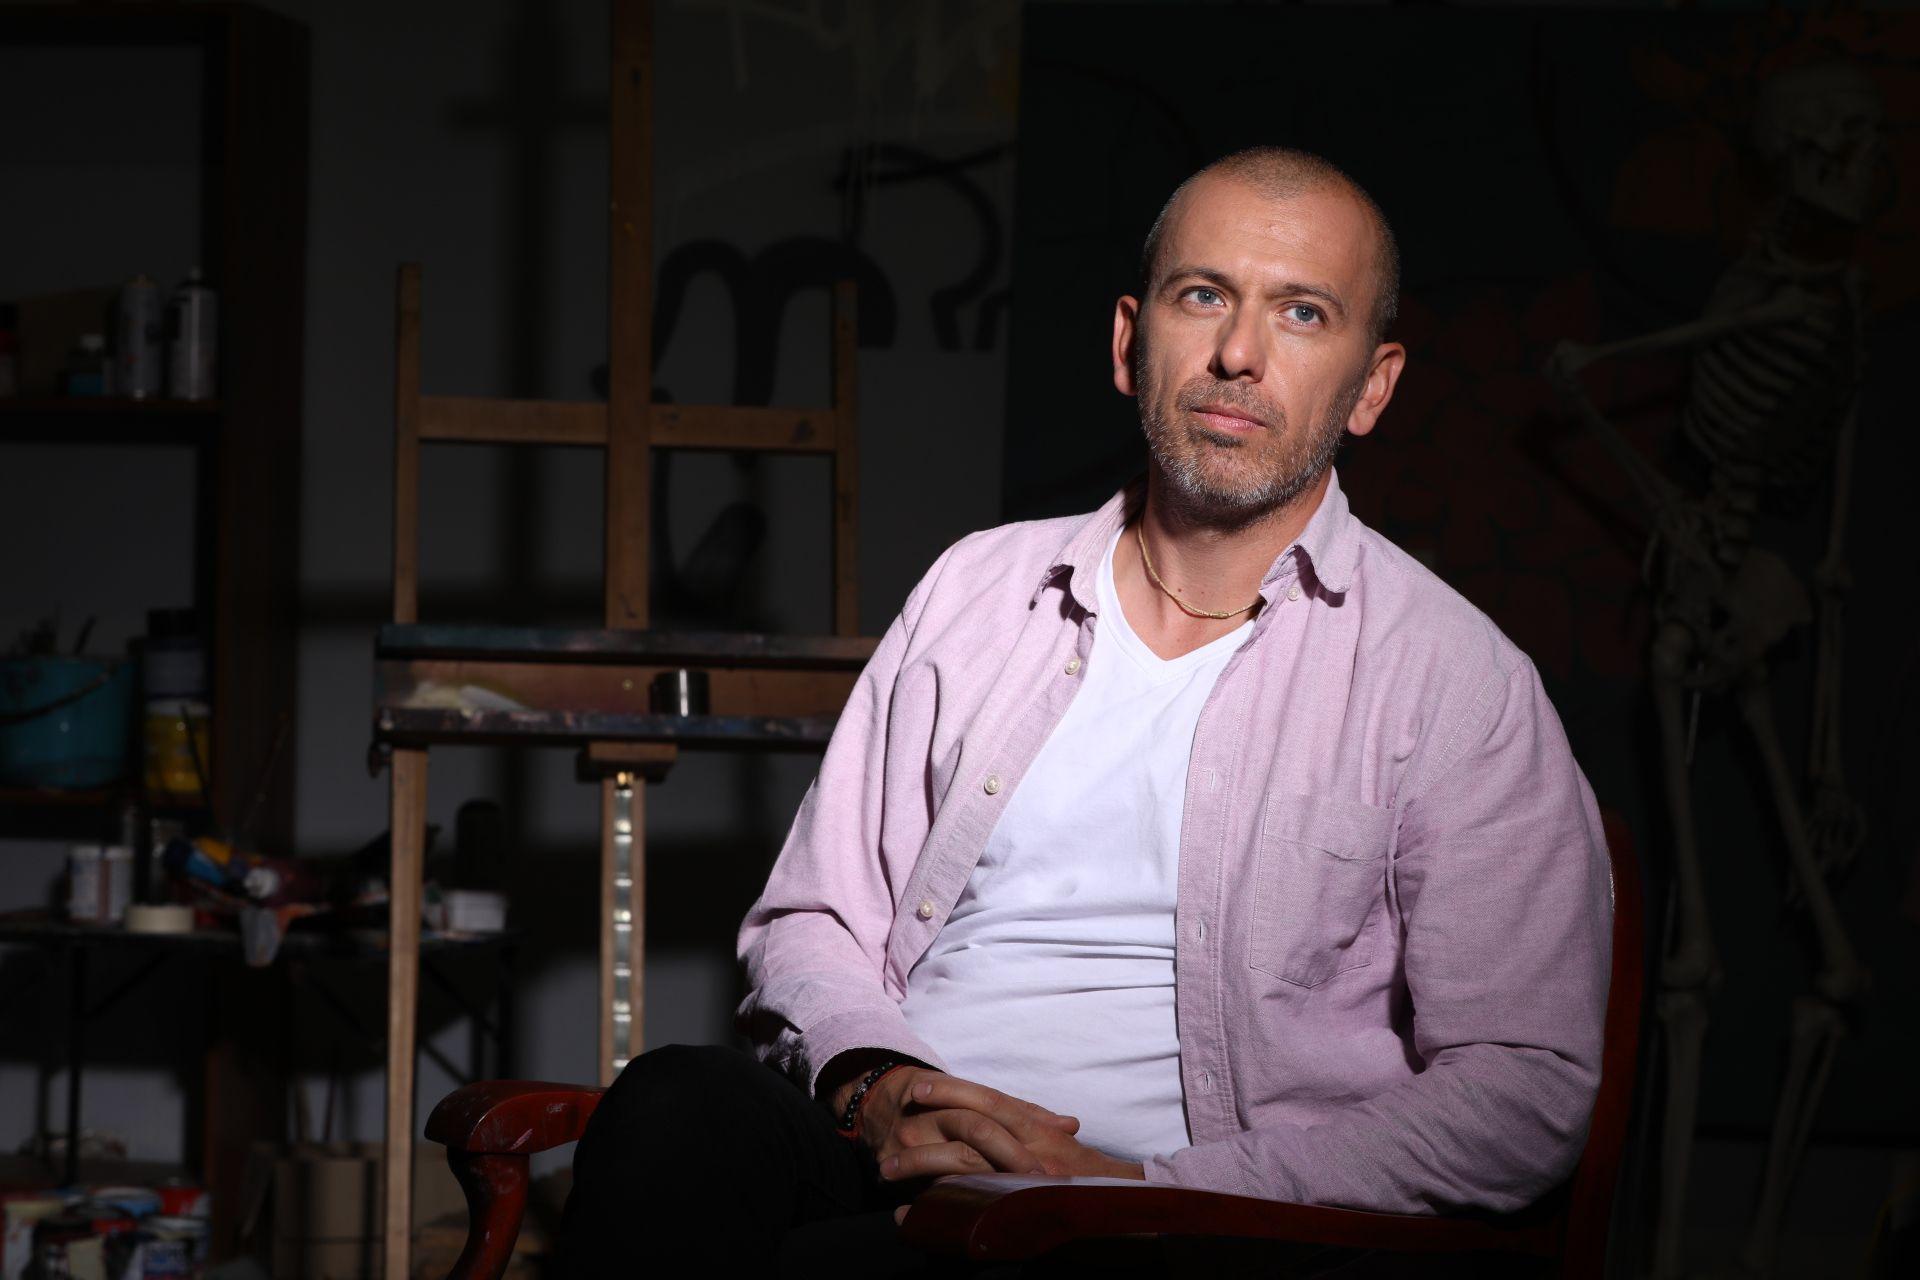 Станислав Трифонов-Насимо